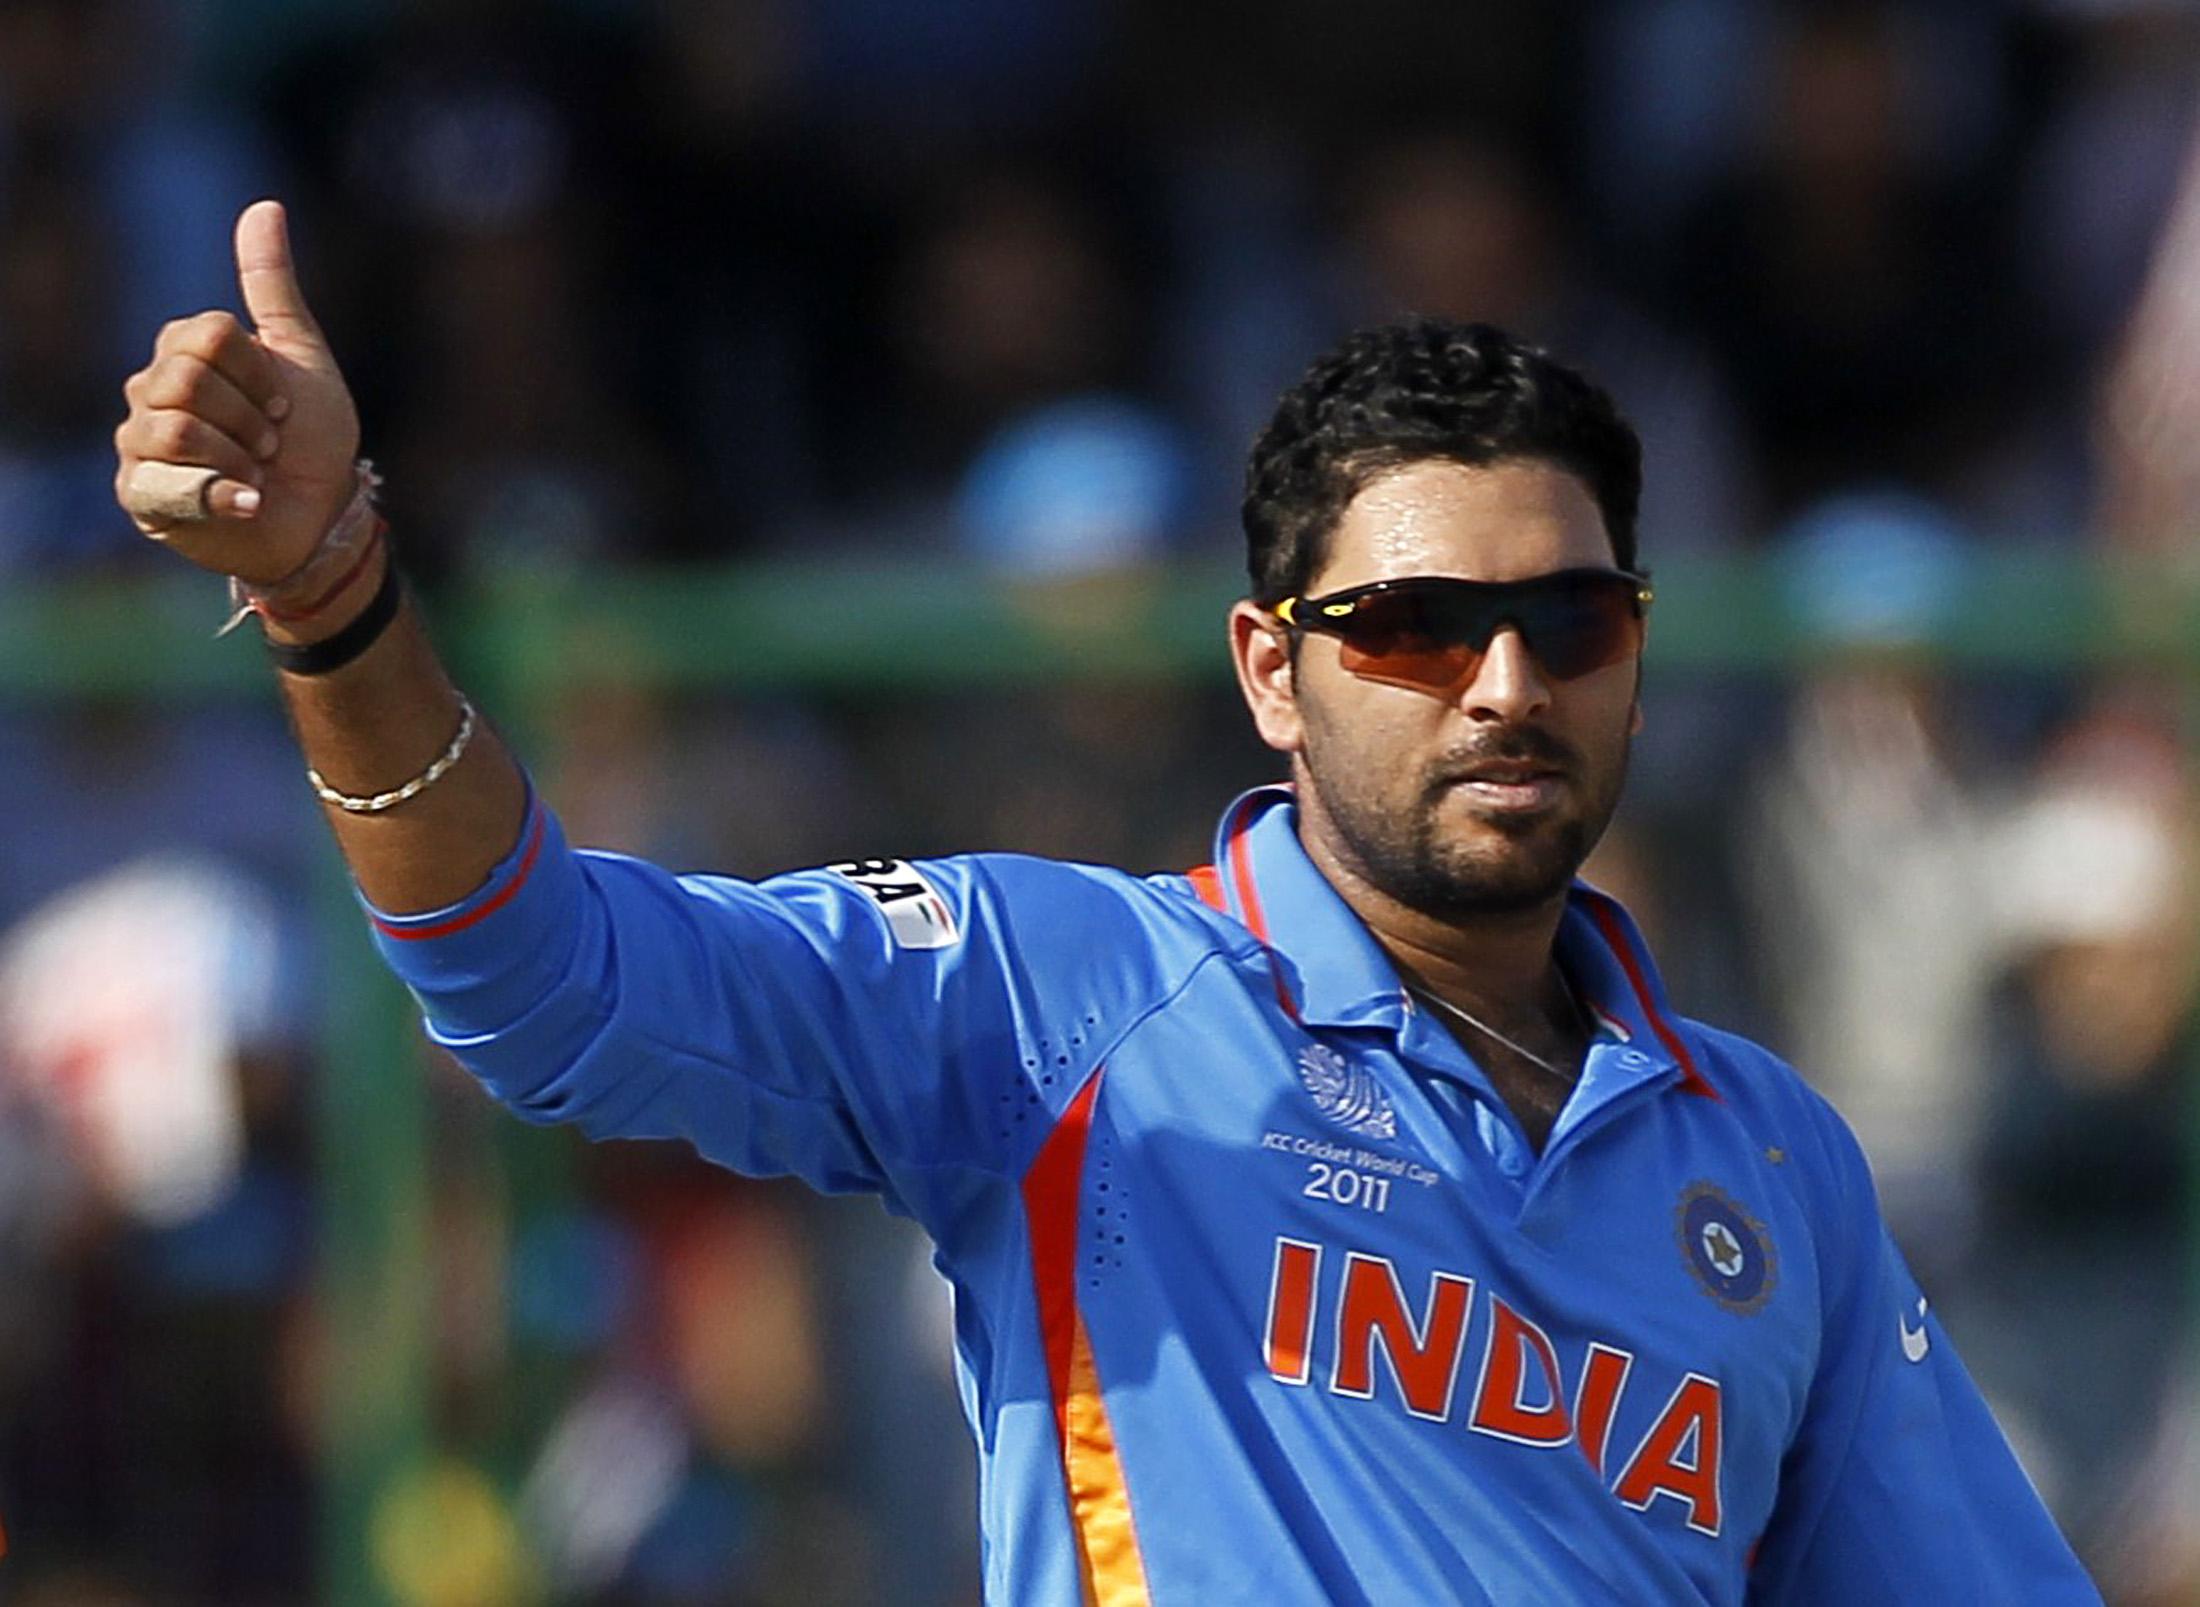 ये भारतीय खिलाड़ी है सबसे ज्यादा अमीर, कोहली और धोनी को पछाड़ इस खिलाड़ी ने टॉप पर बनाई है जगह 5